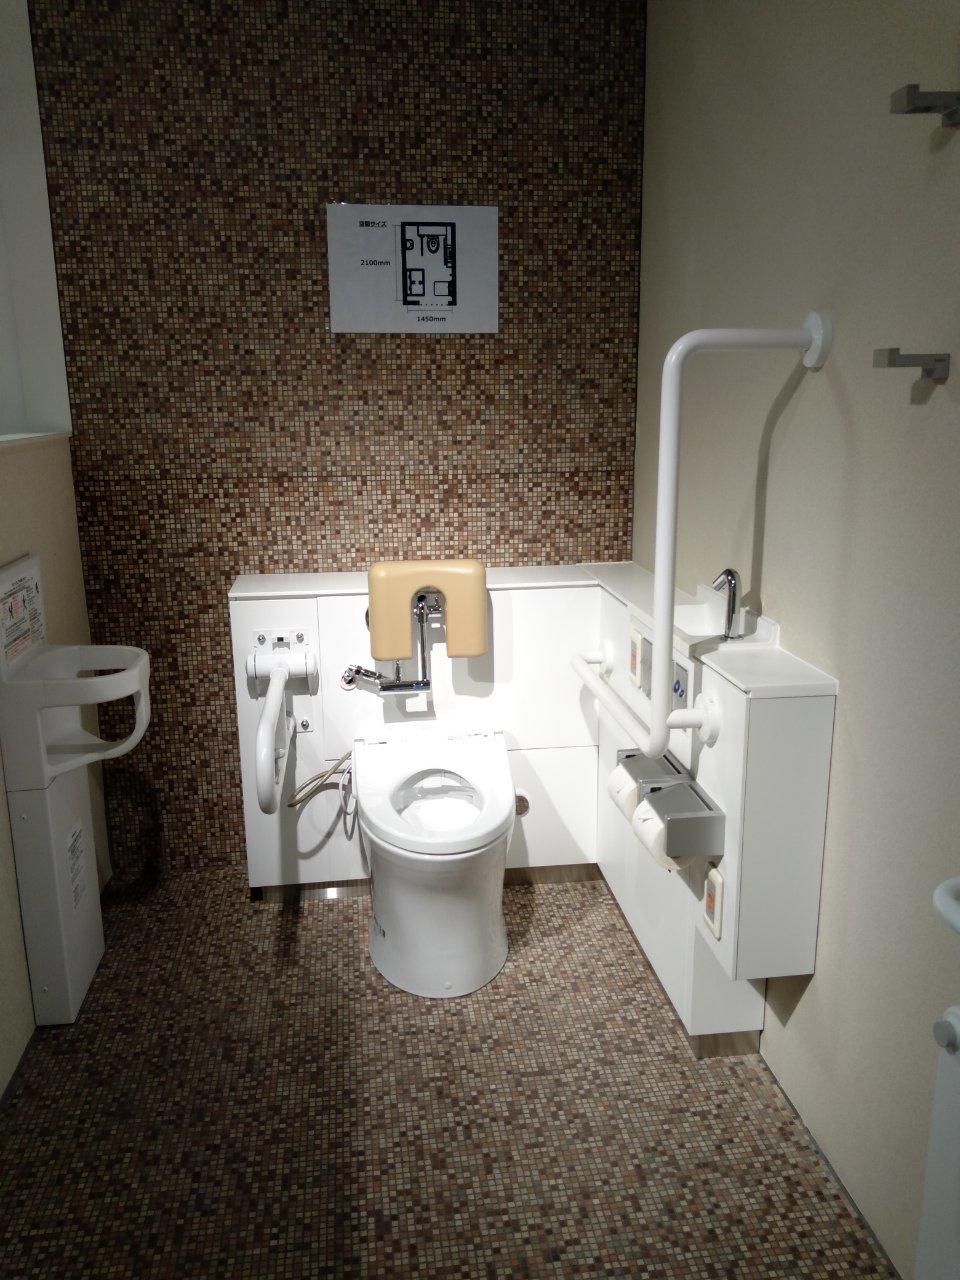 トイレを考える_a0355629_09005030.jpg